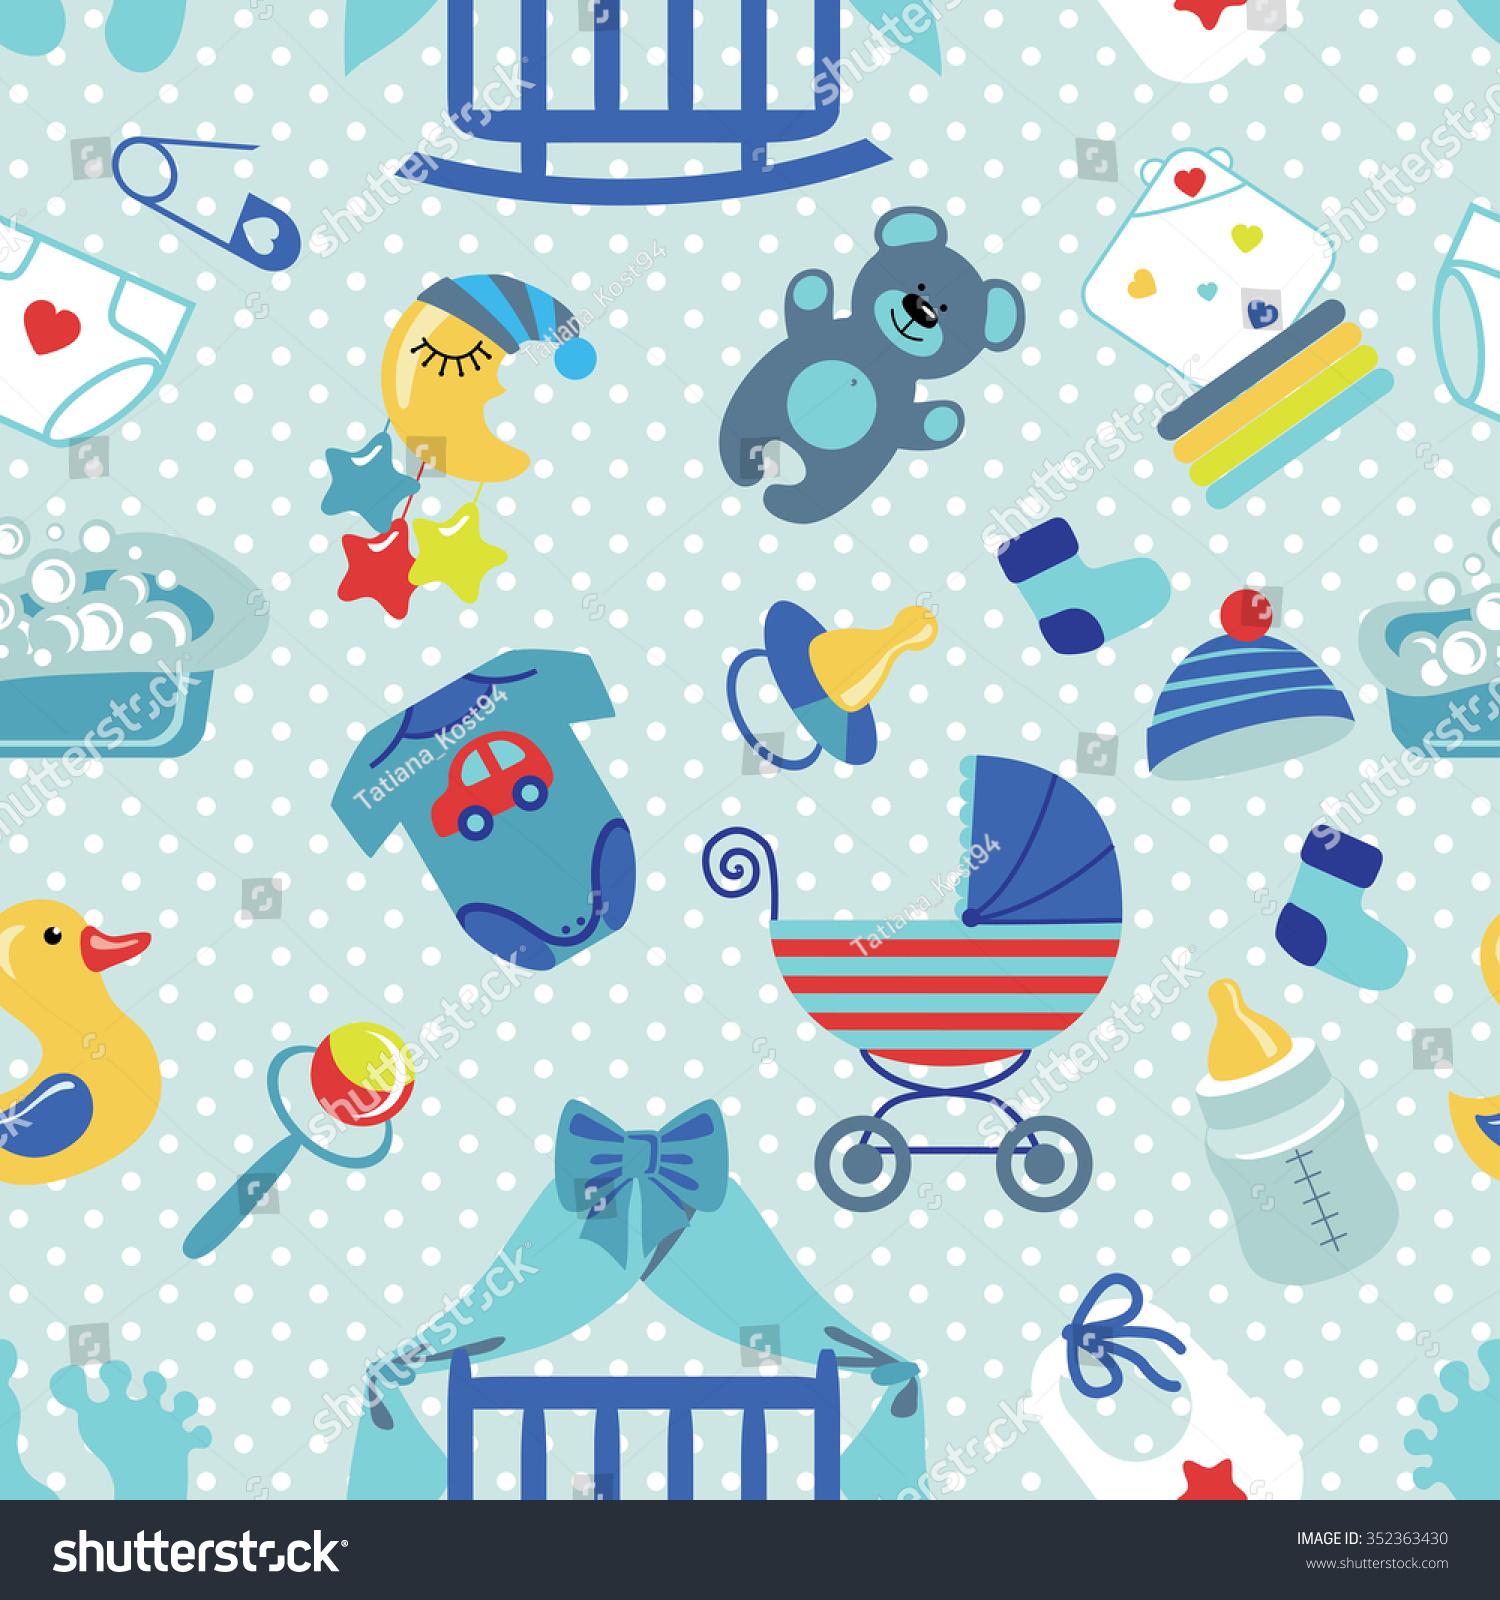 baby boy background design - photo #14